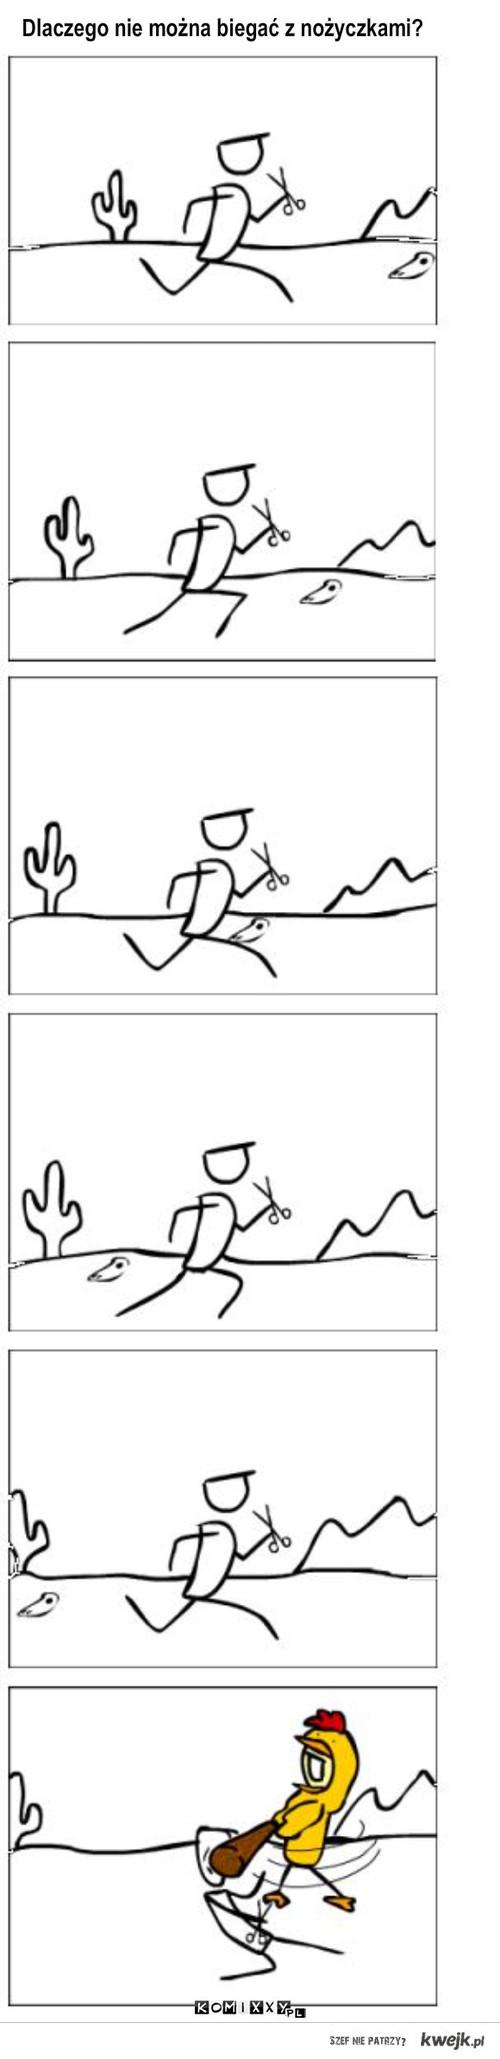 Dlaczego nie wolno biegać z nożyczkami?